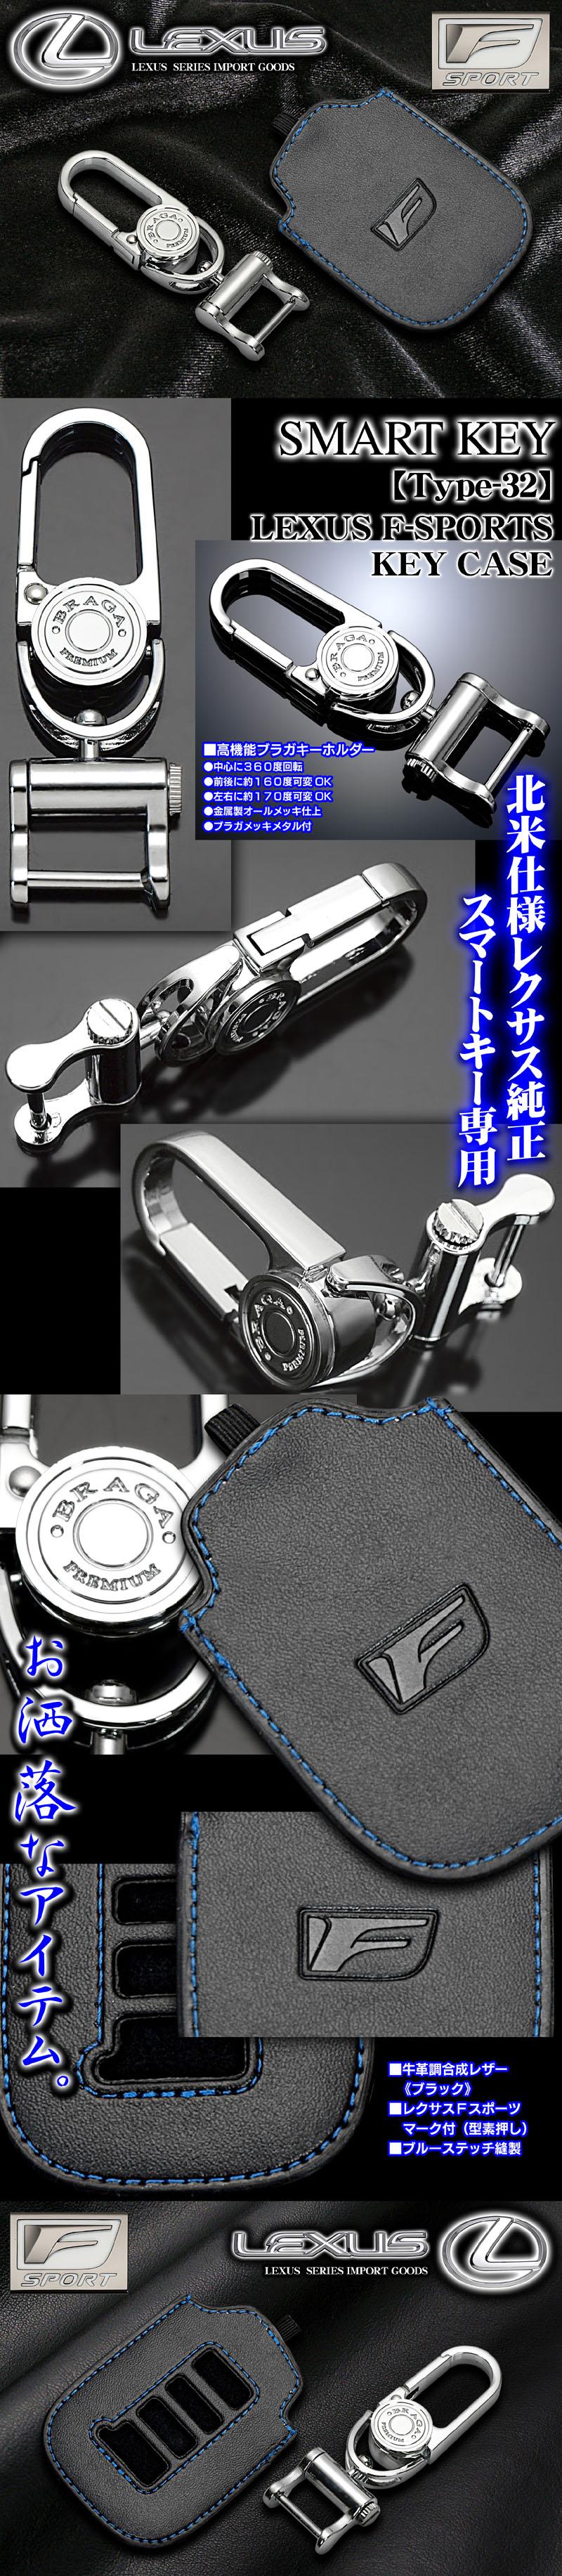 タイプ32【レクサスFスポーツ/スマートキー】キーケース&ブラガキーホルダー付[ブラック/牛革調合成レザー]